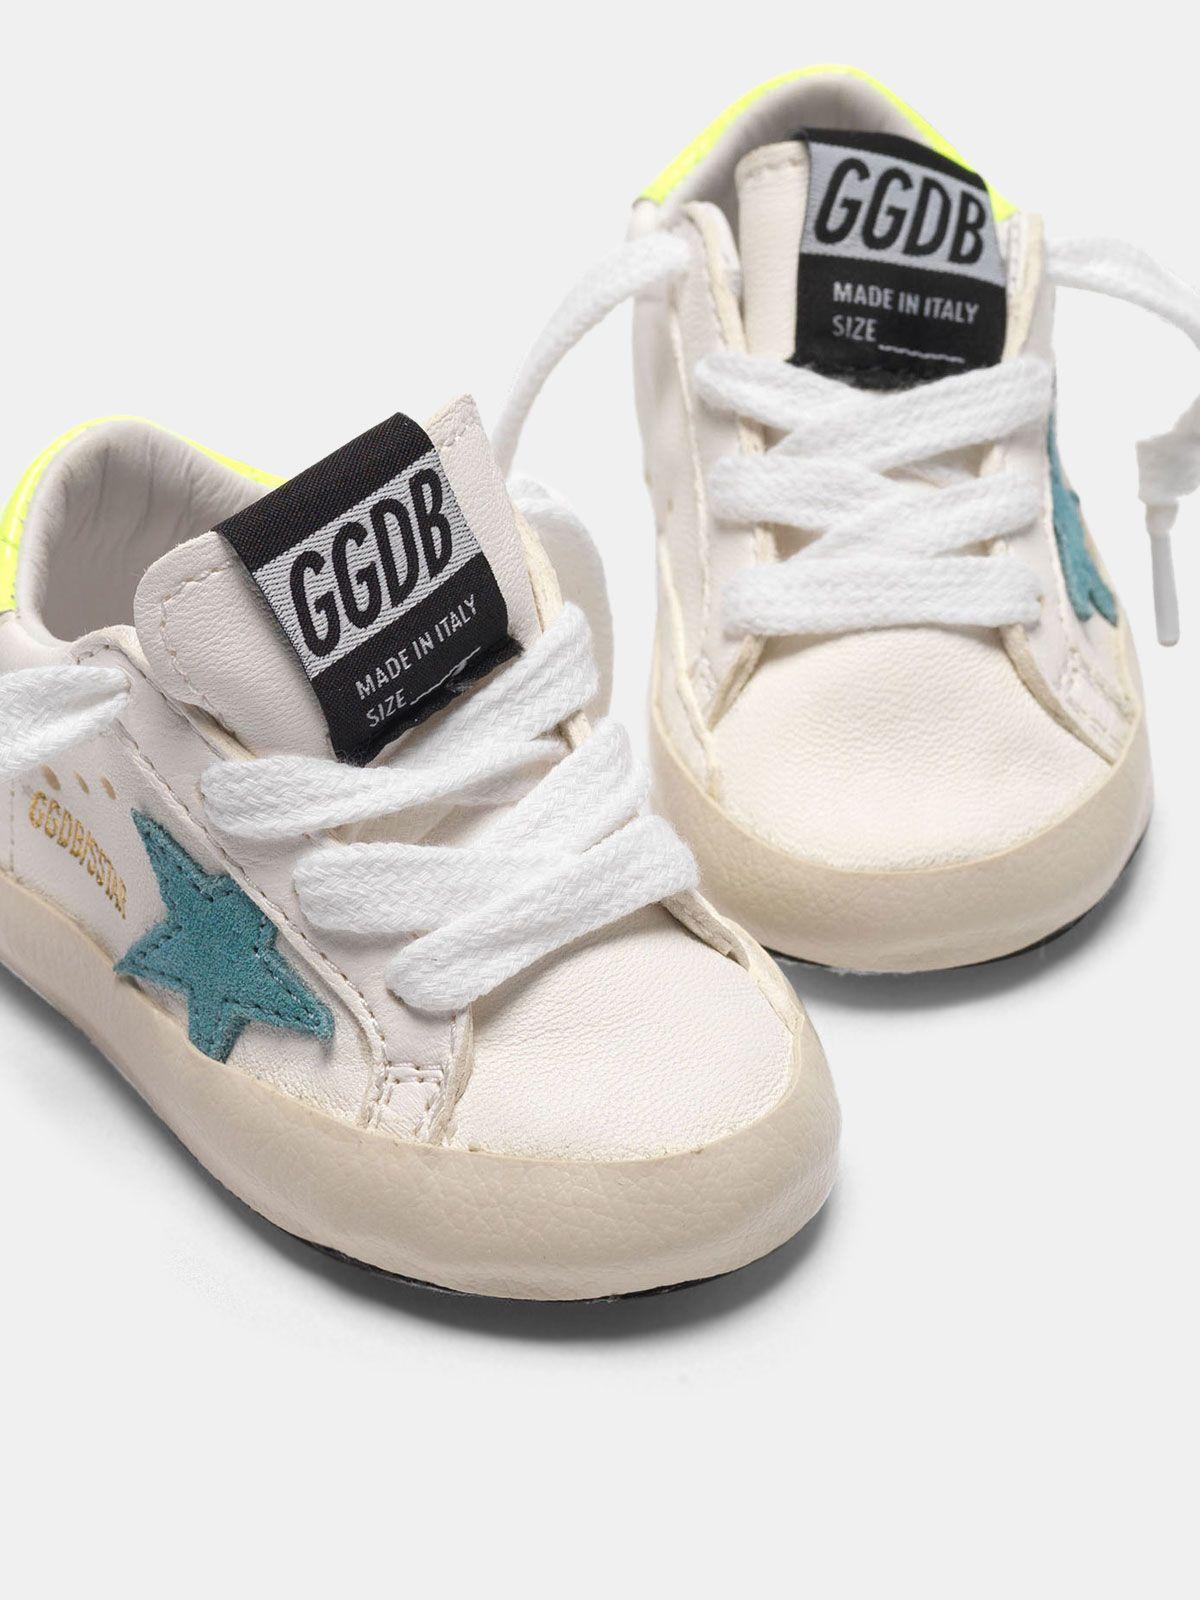 Golden Goose - Sneakers Super-Star con stella blu e talloncino giallo fluo in